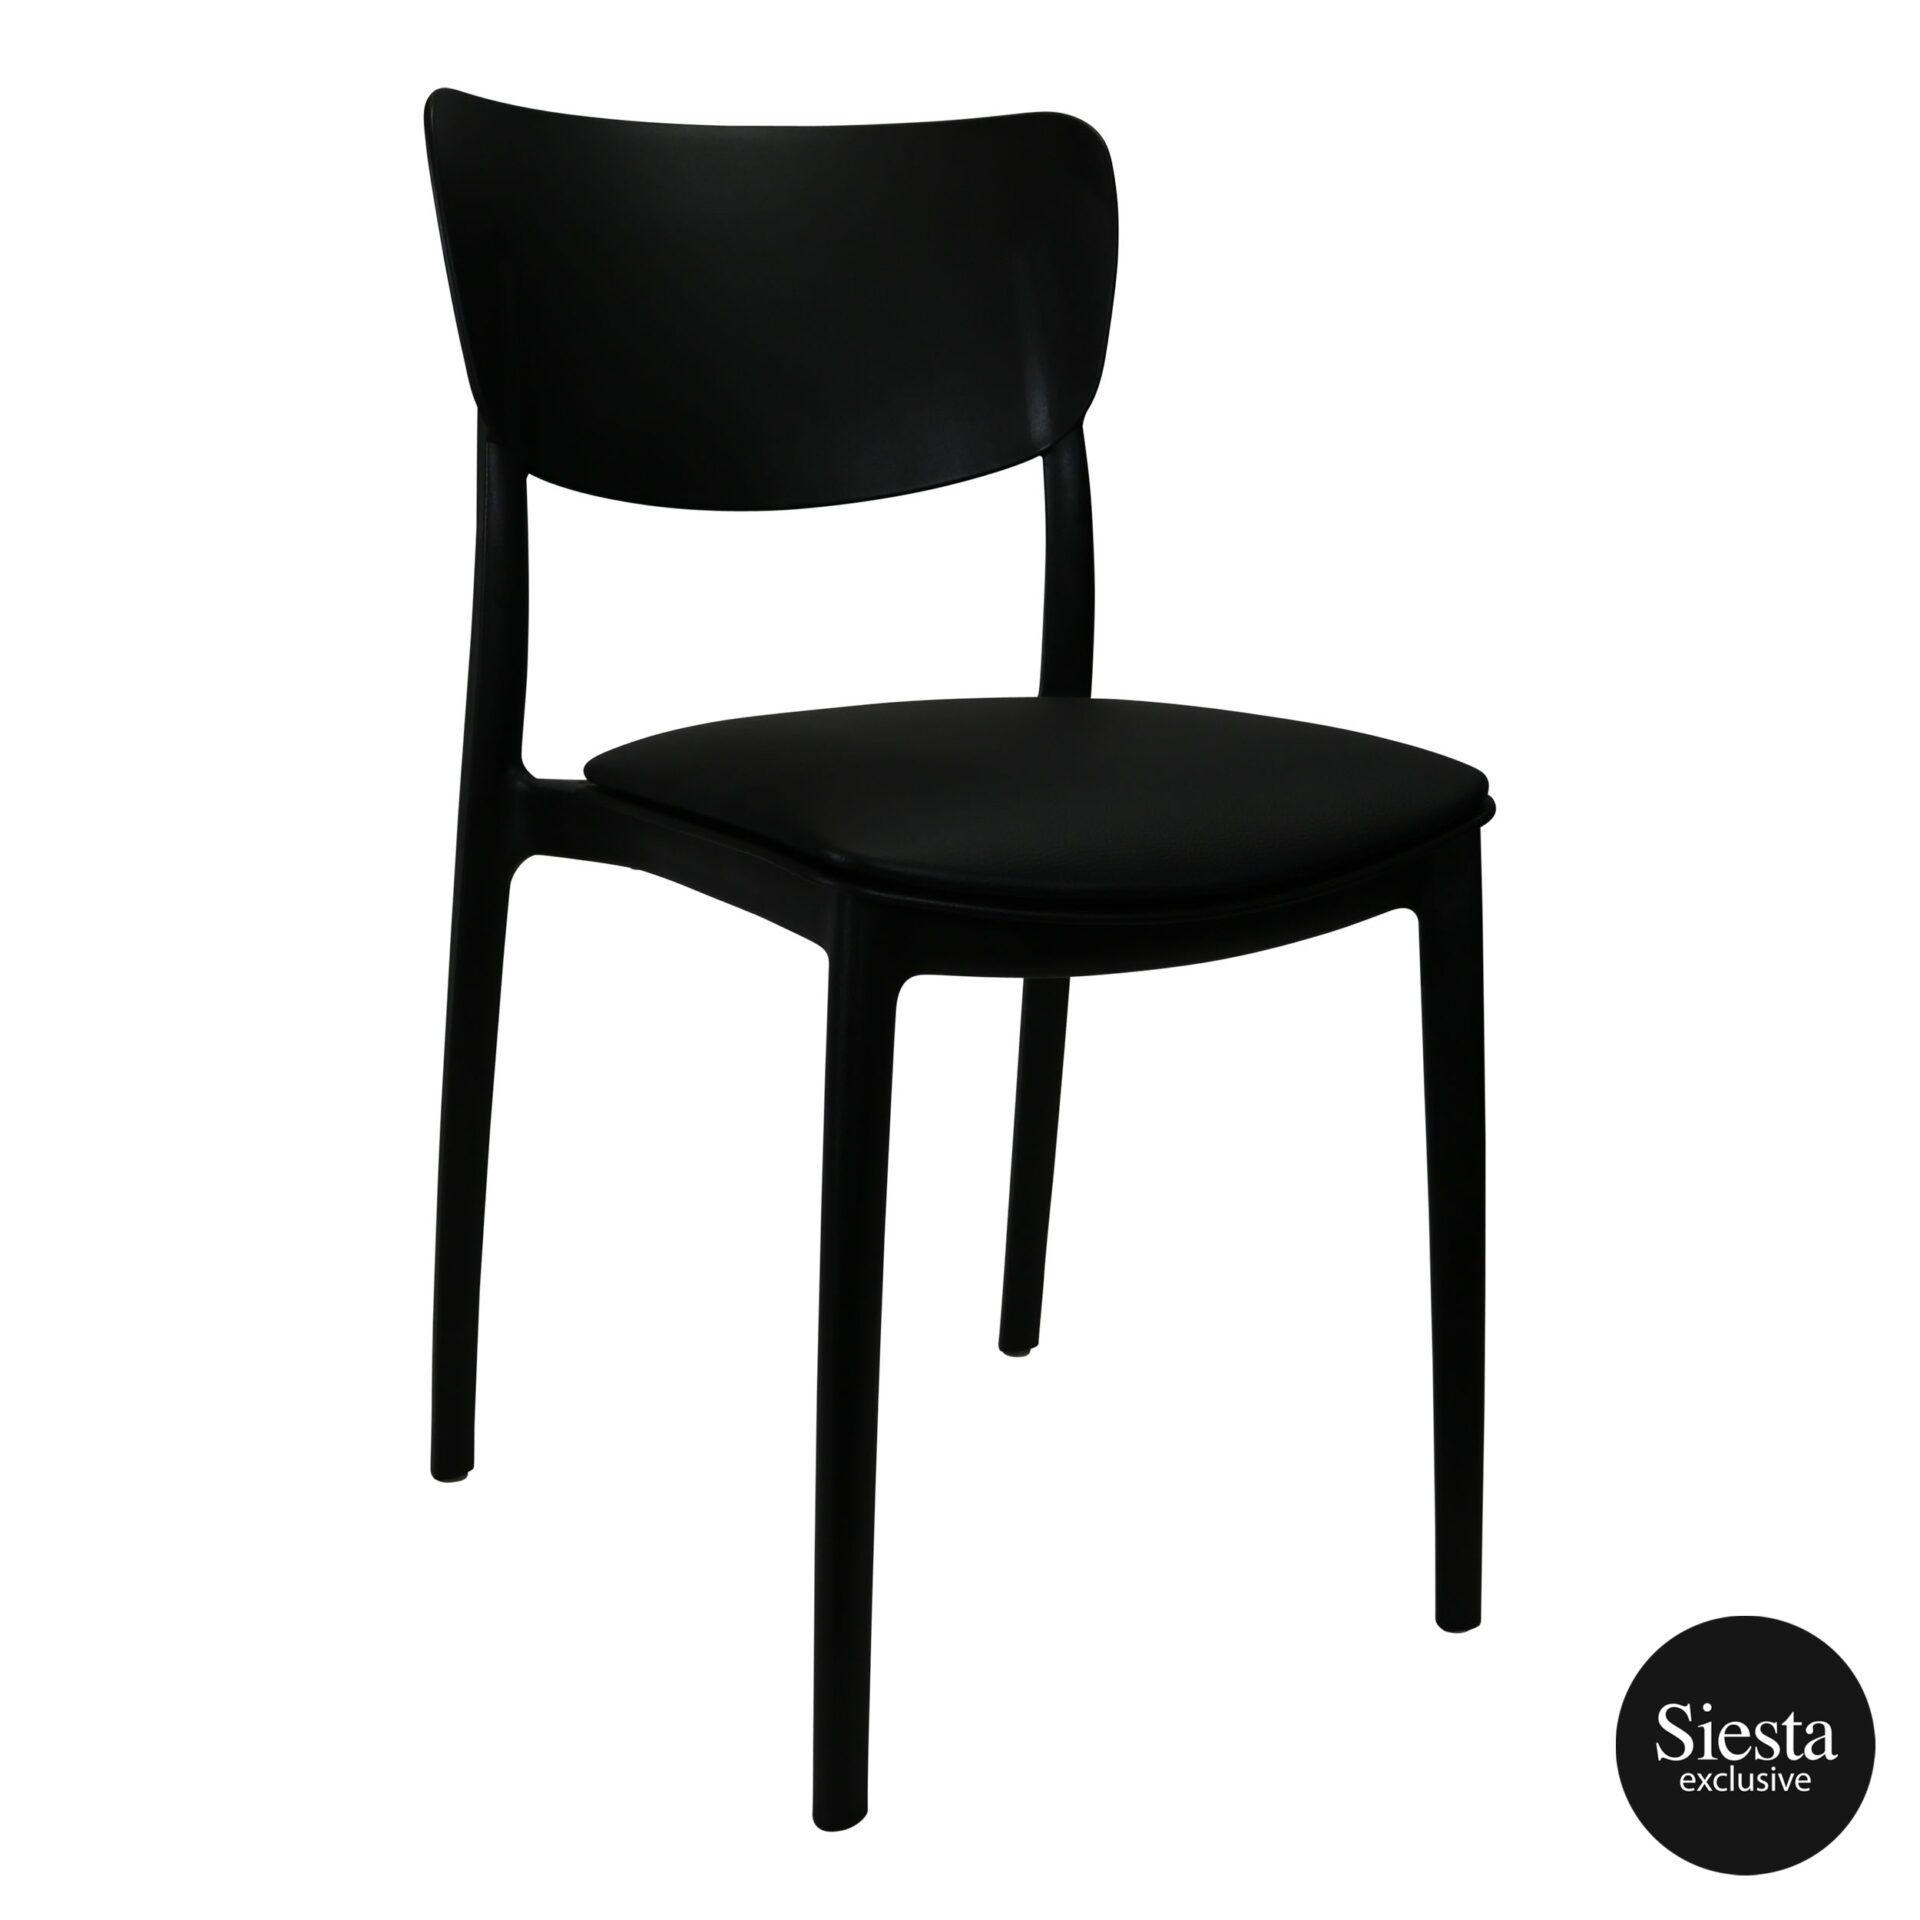 monna chair black c7a